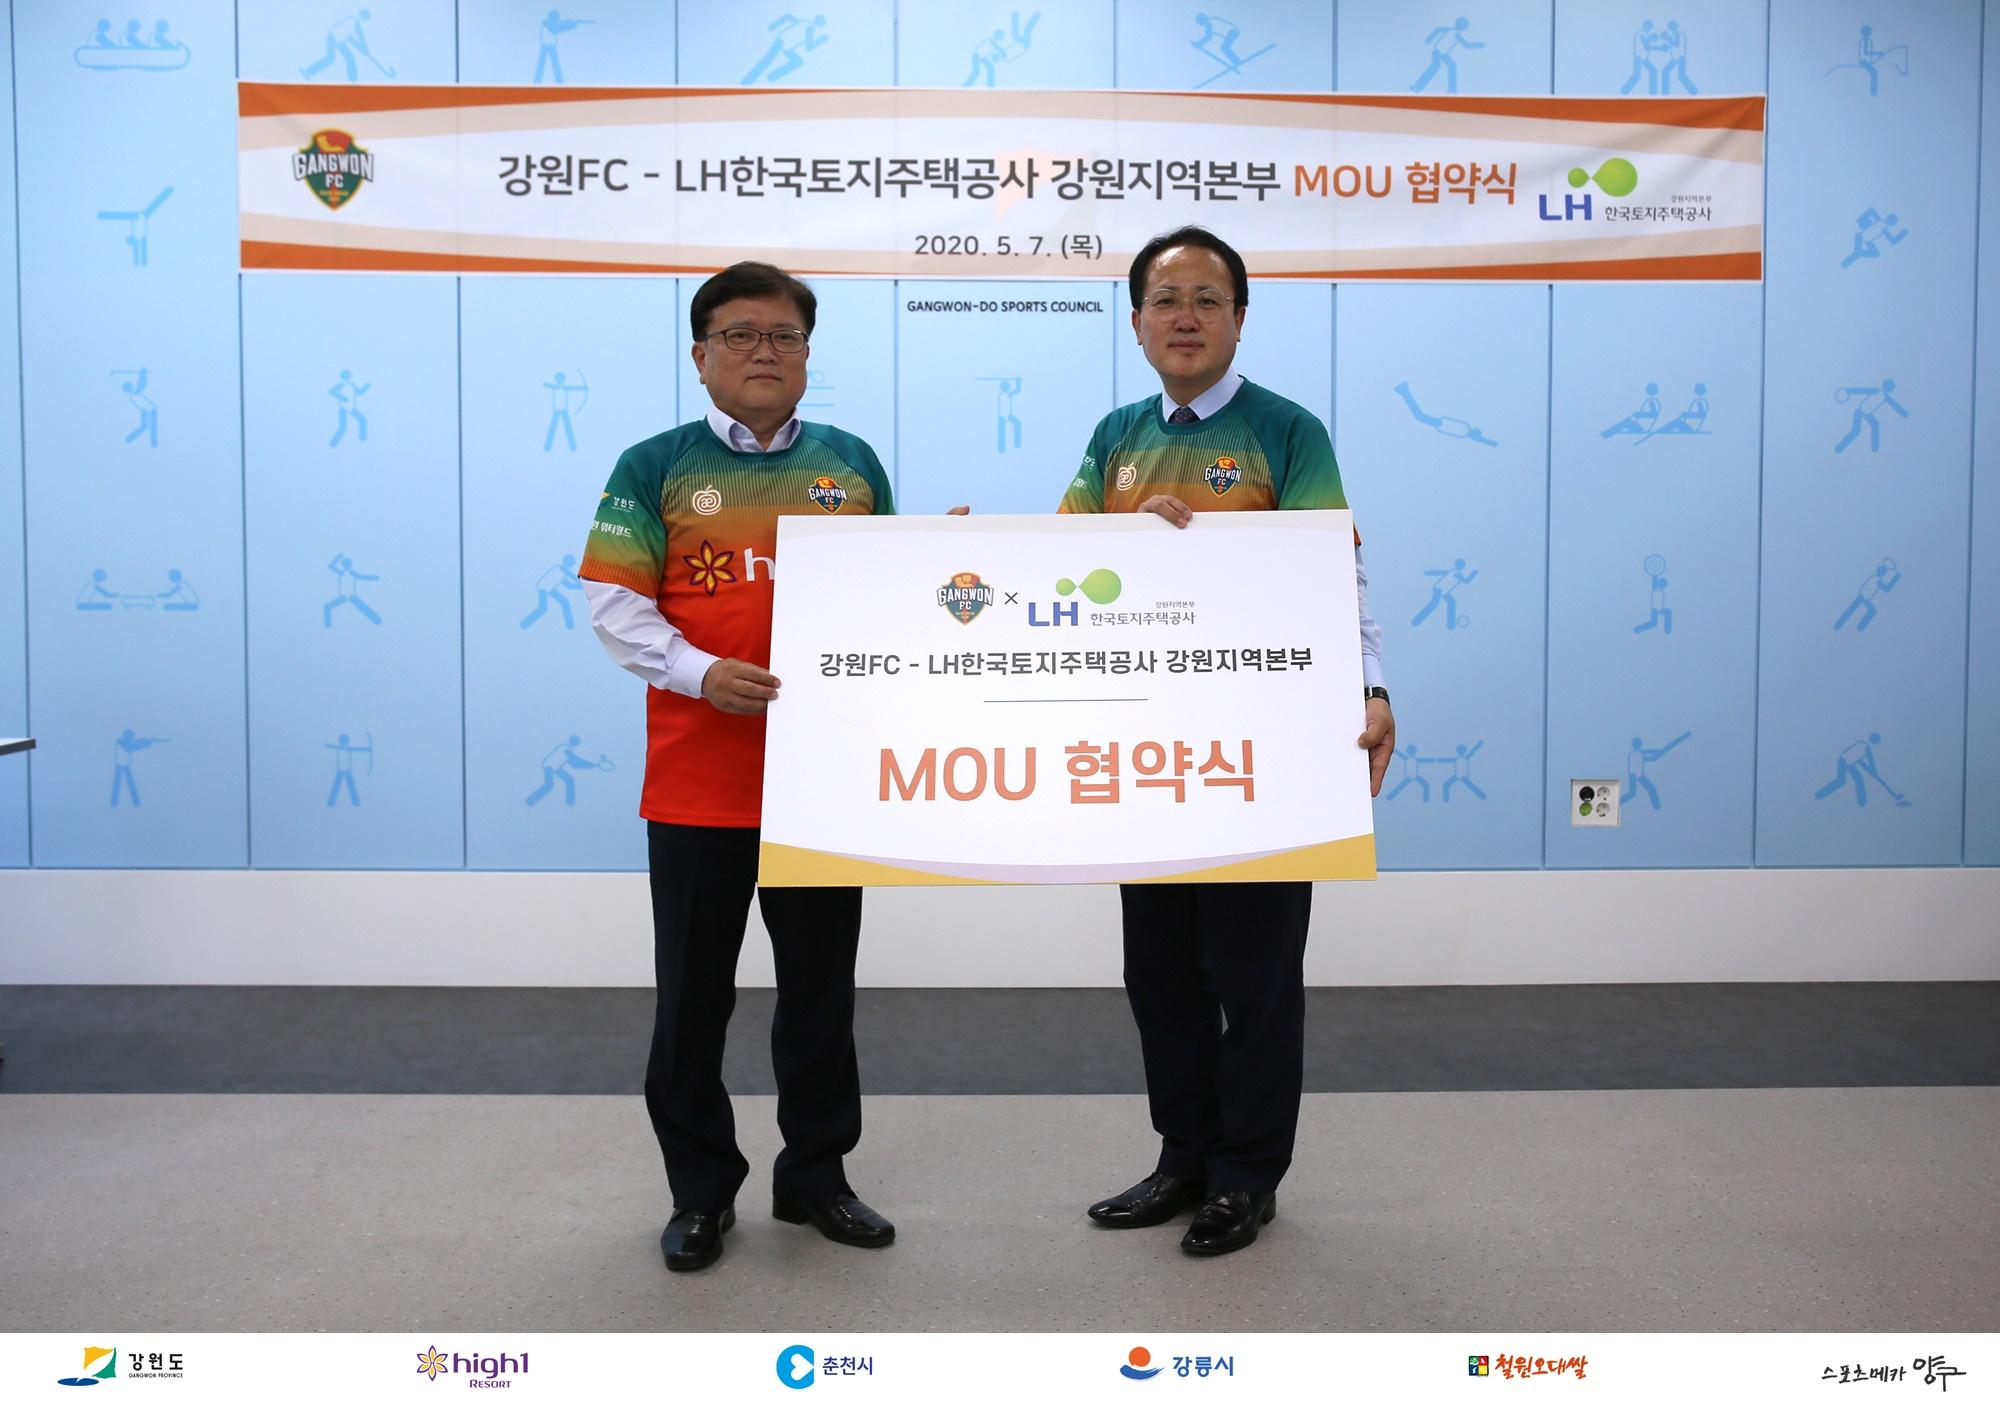 강원FC-LH 강원지역본부 취약계층을 위한 MOU 체결